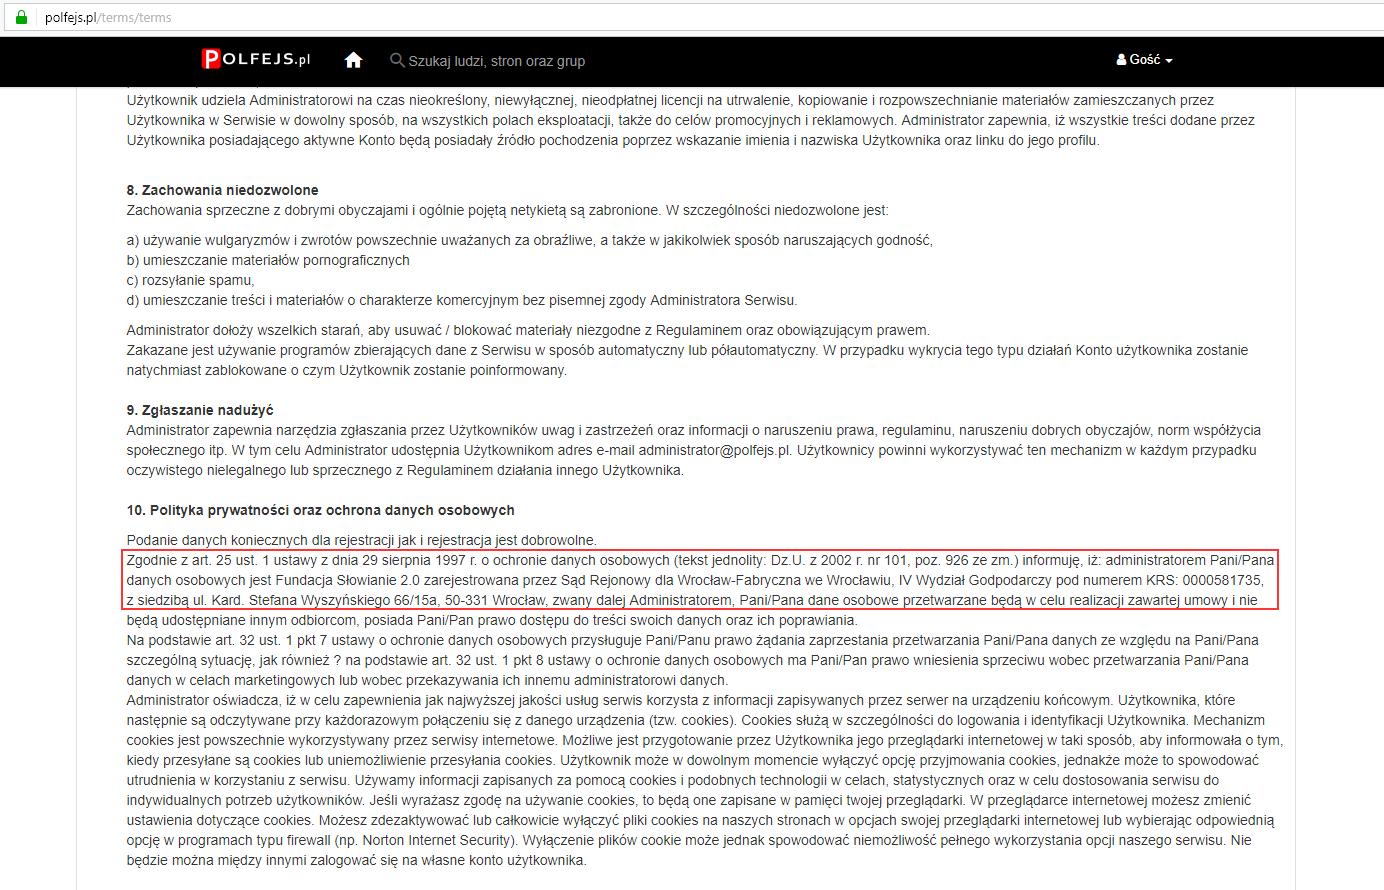 W regulaminie serwisu Polfejs.pl znajdowały się informacje o Fundacji Słowianie 2.0, z którą witryna nie ma nic wspólnego